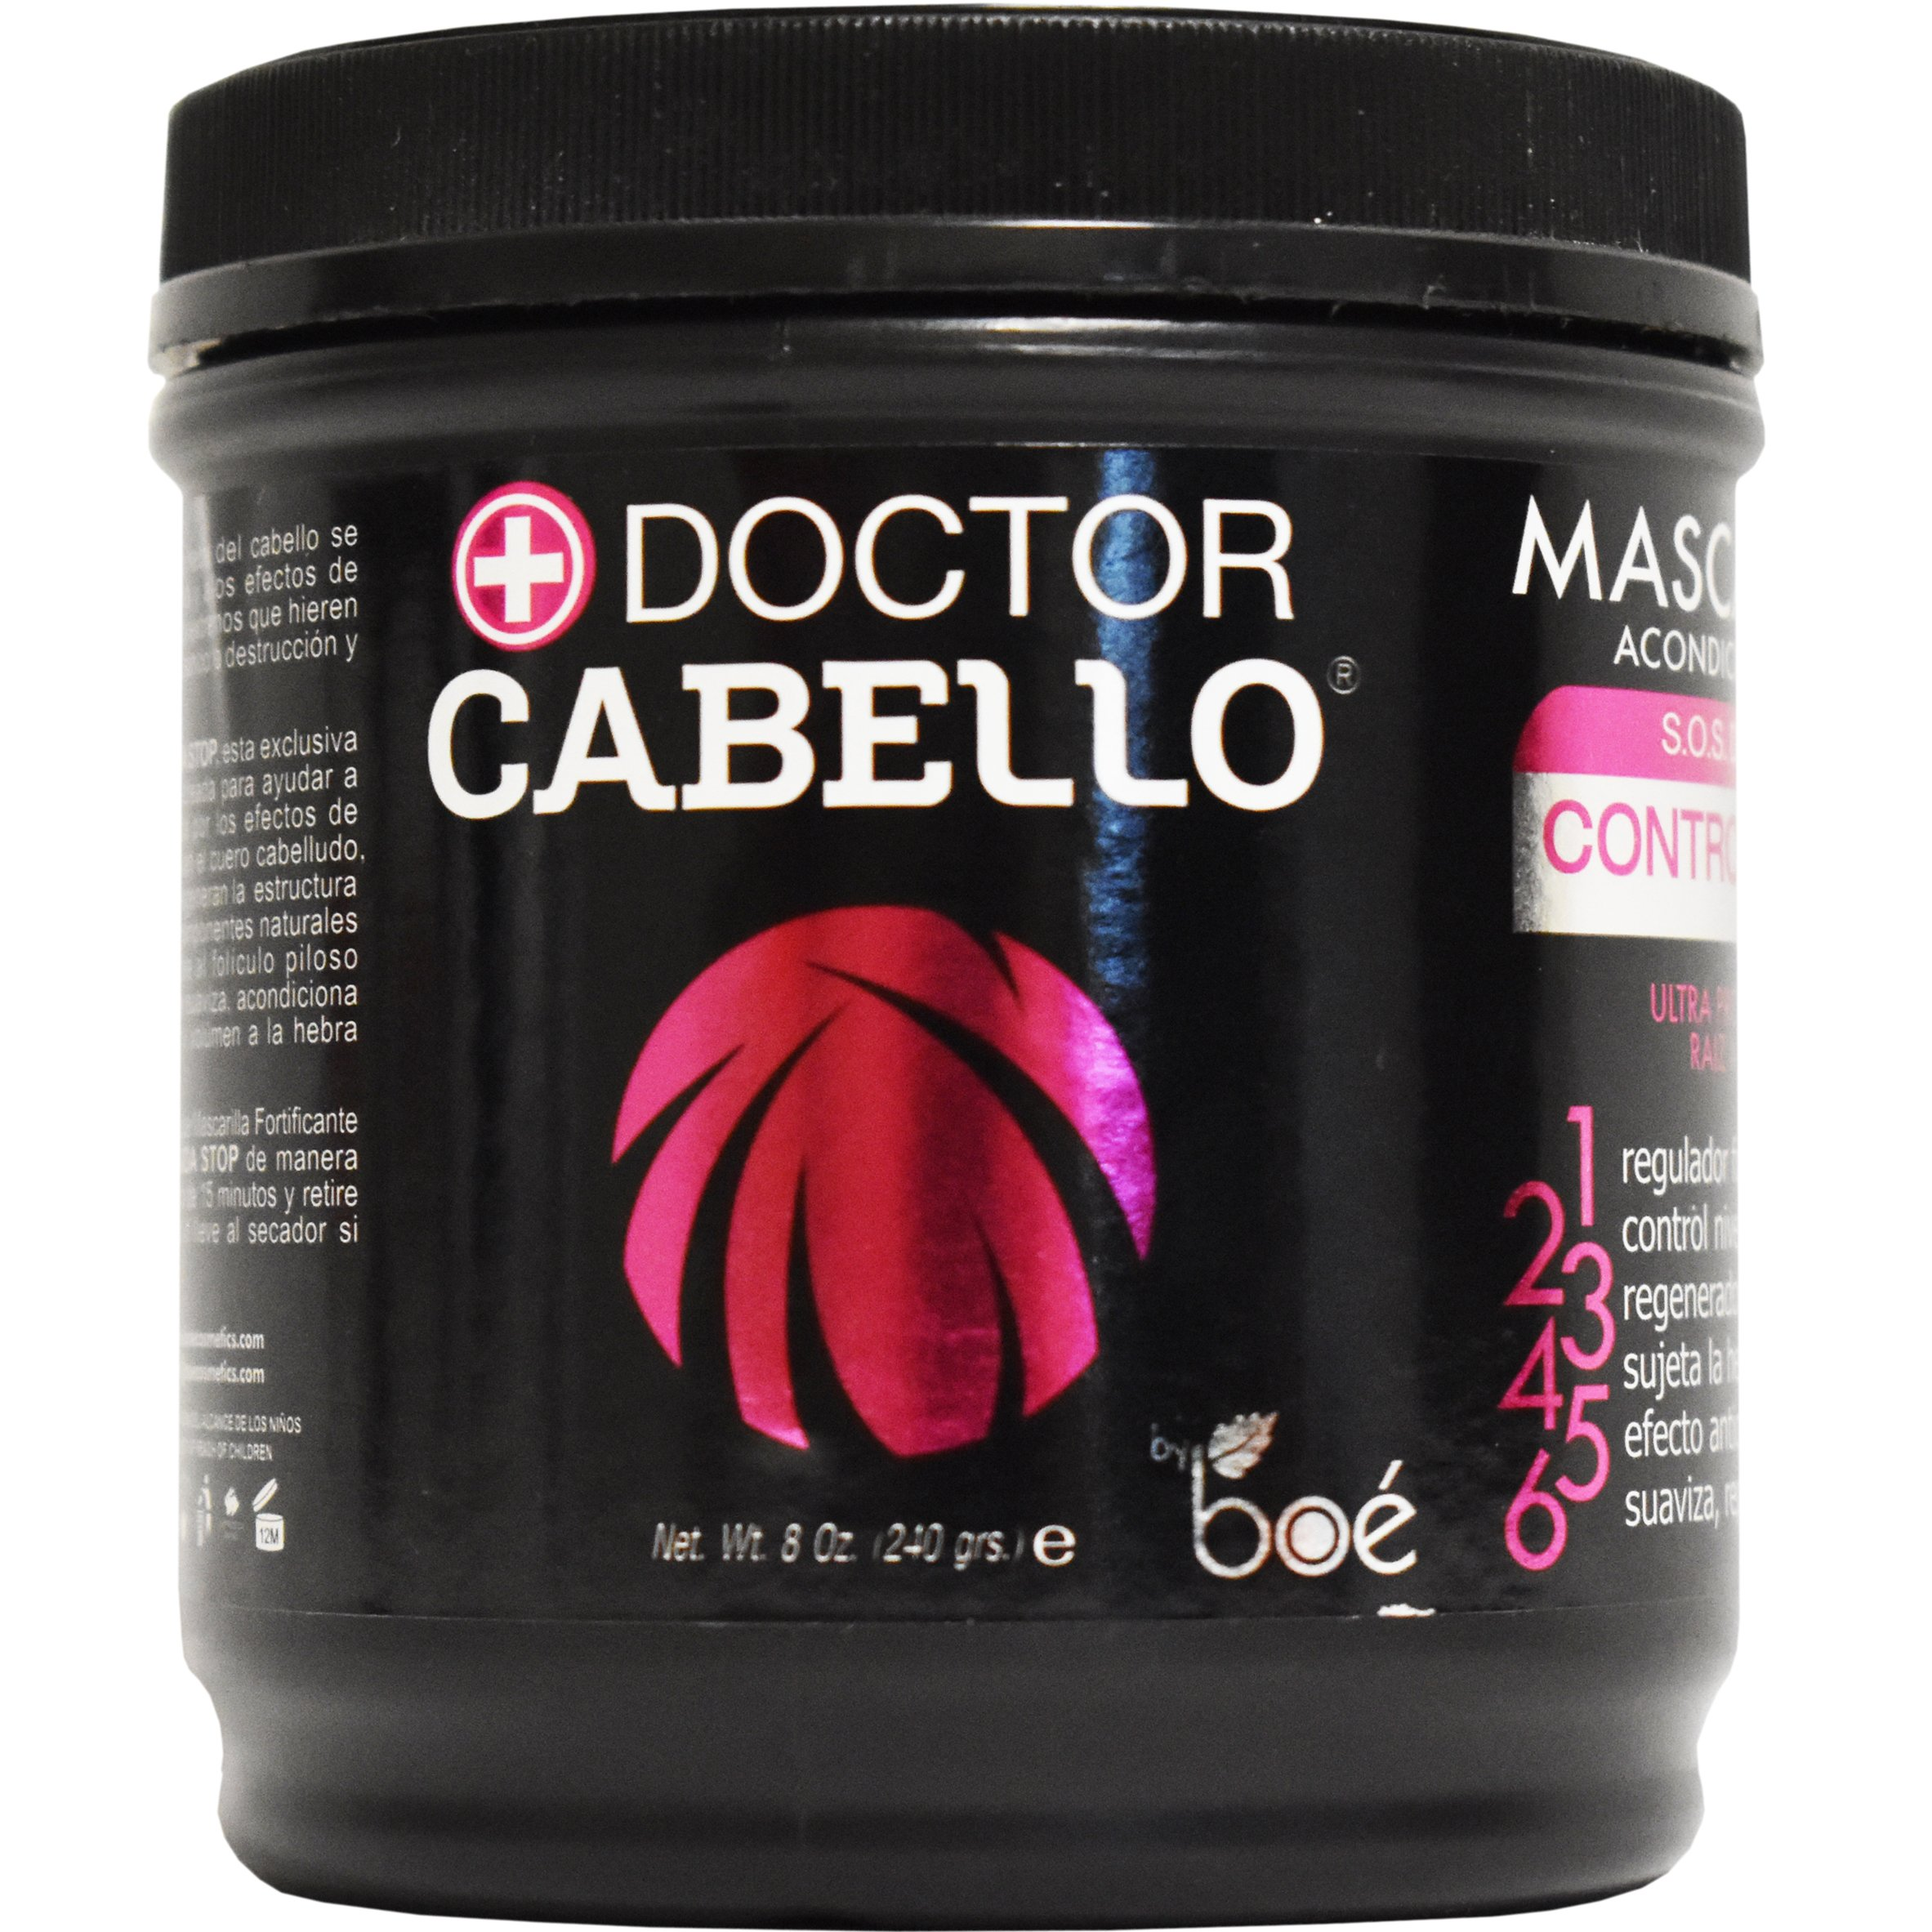 Doctor Cabello Mascarilla Acondicionadora S.O.S Defense Controlcaida Hair Loss Control Treatment, 8 Ounce